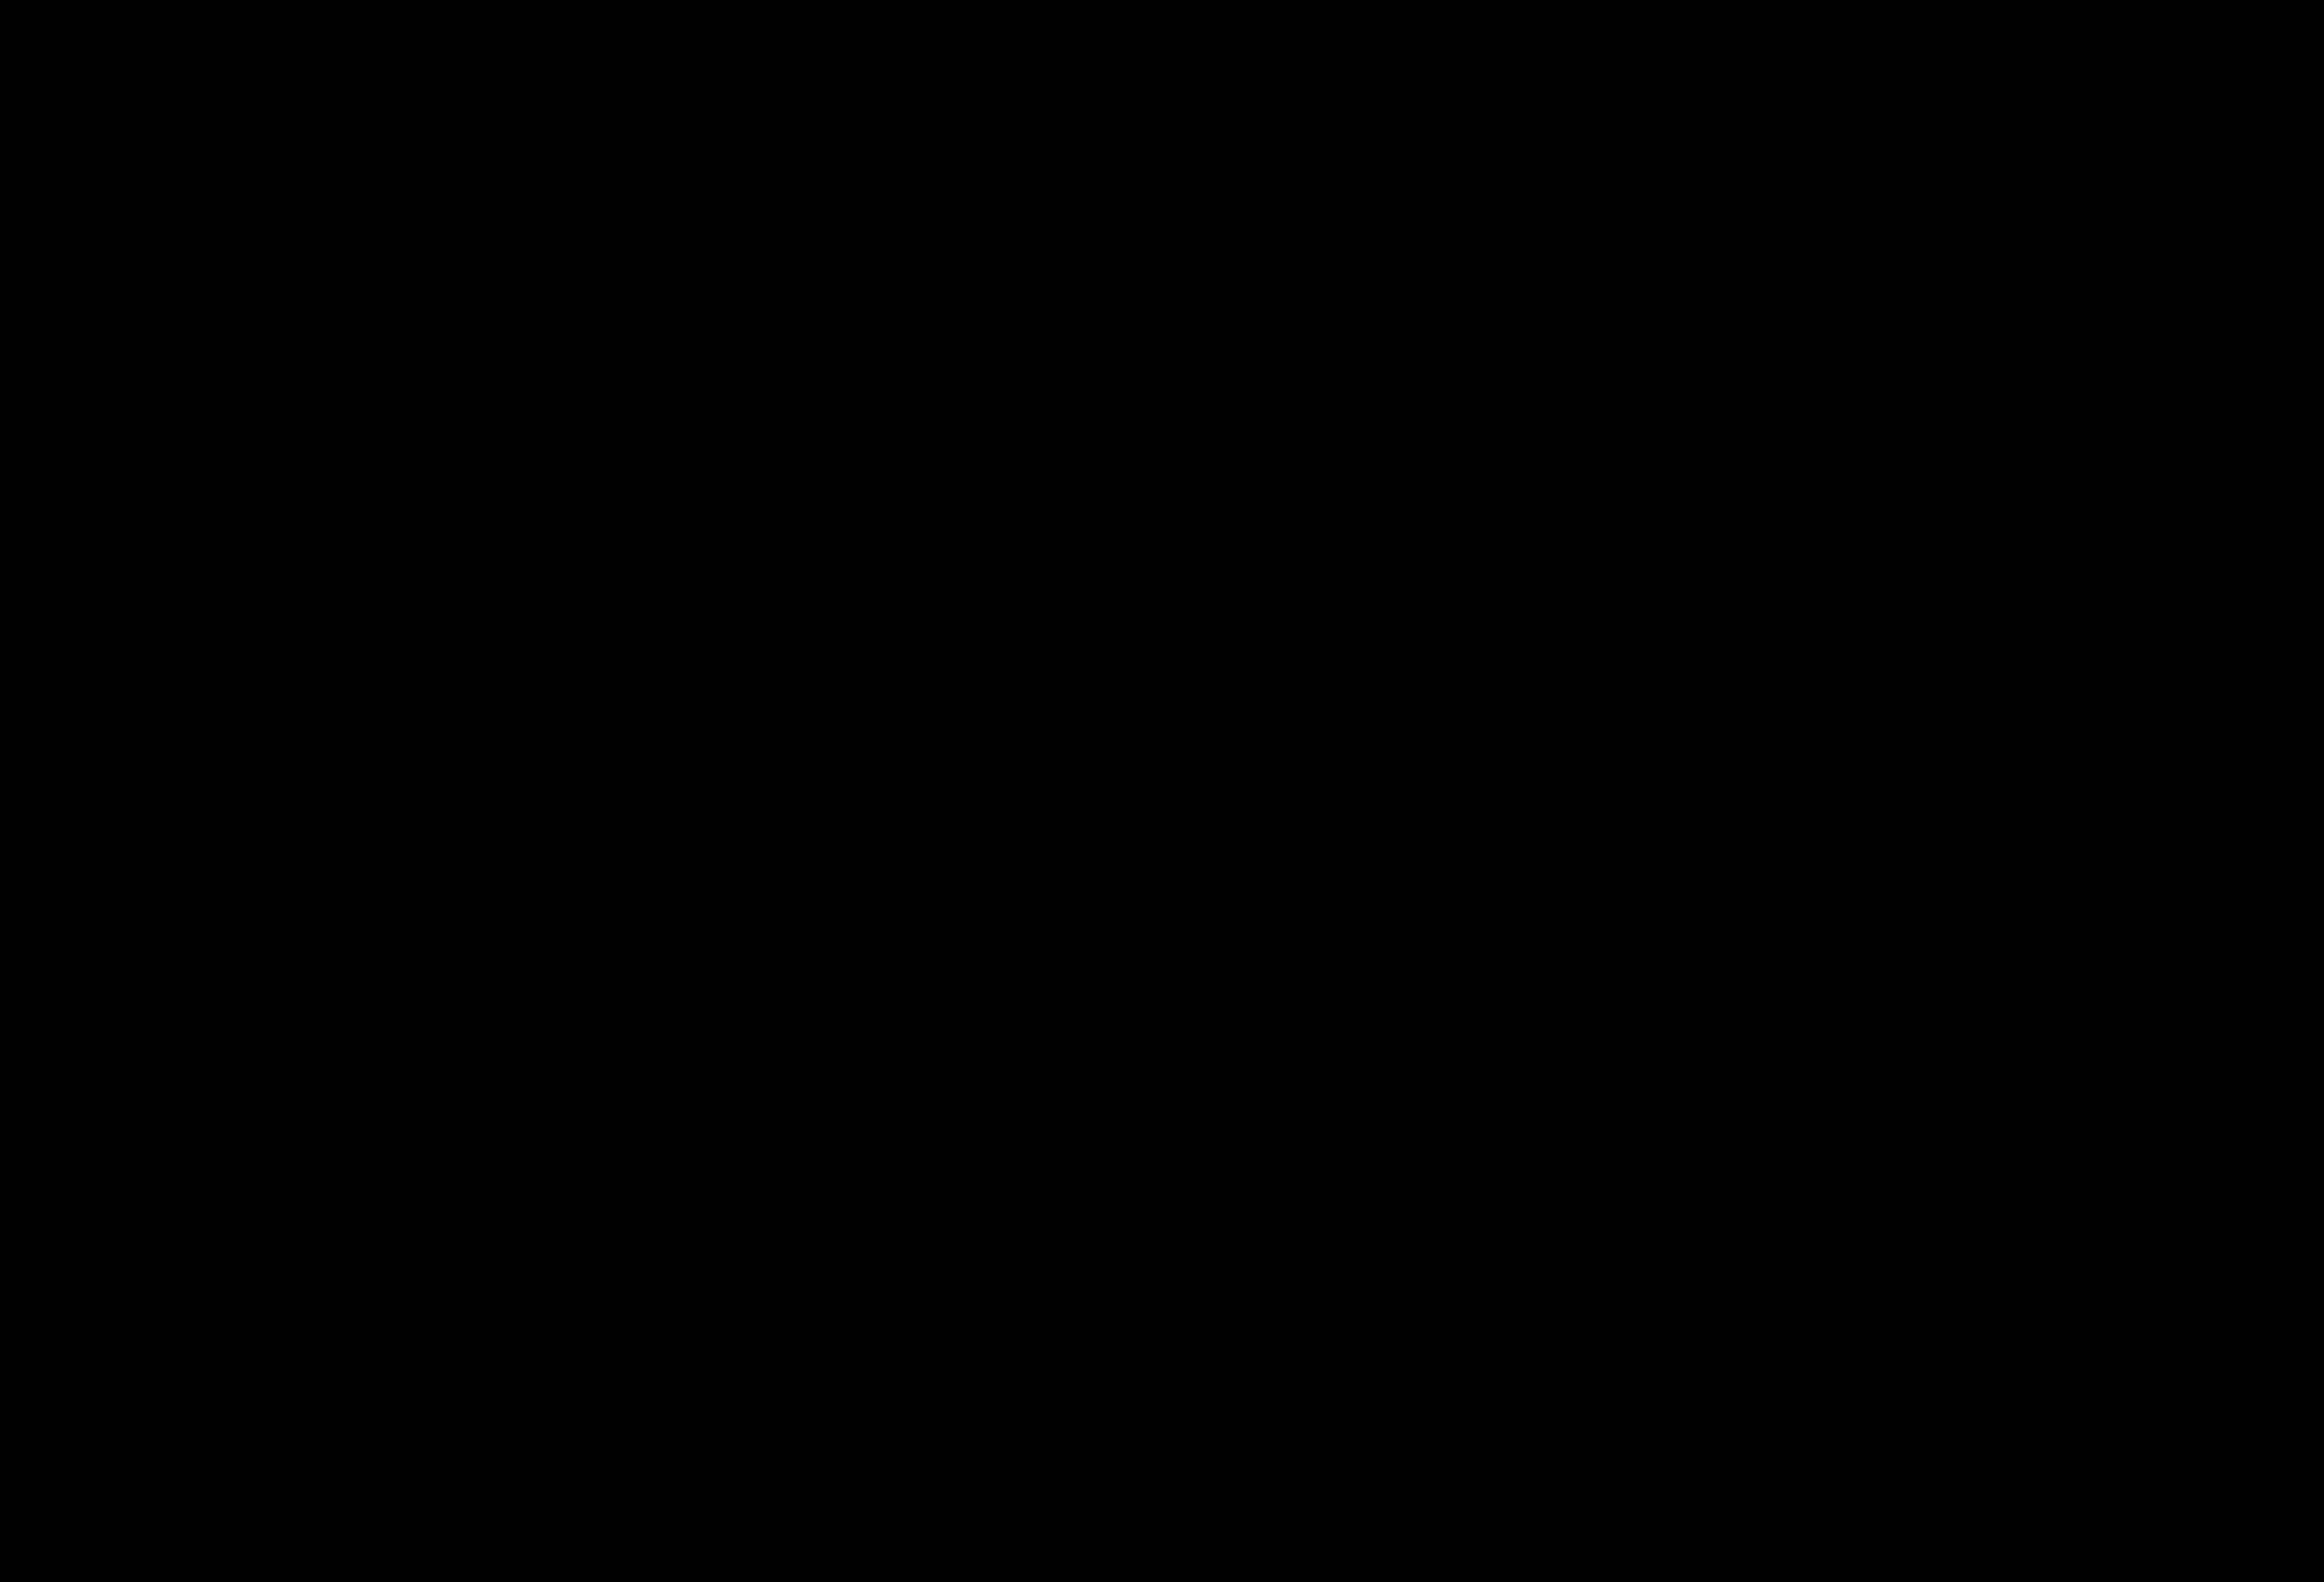 6 Grunge Brush Stroke Rectangle Frame (PNG Transparent